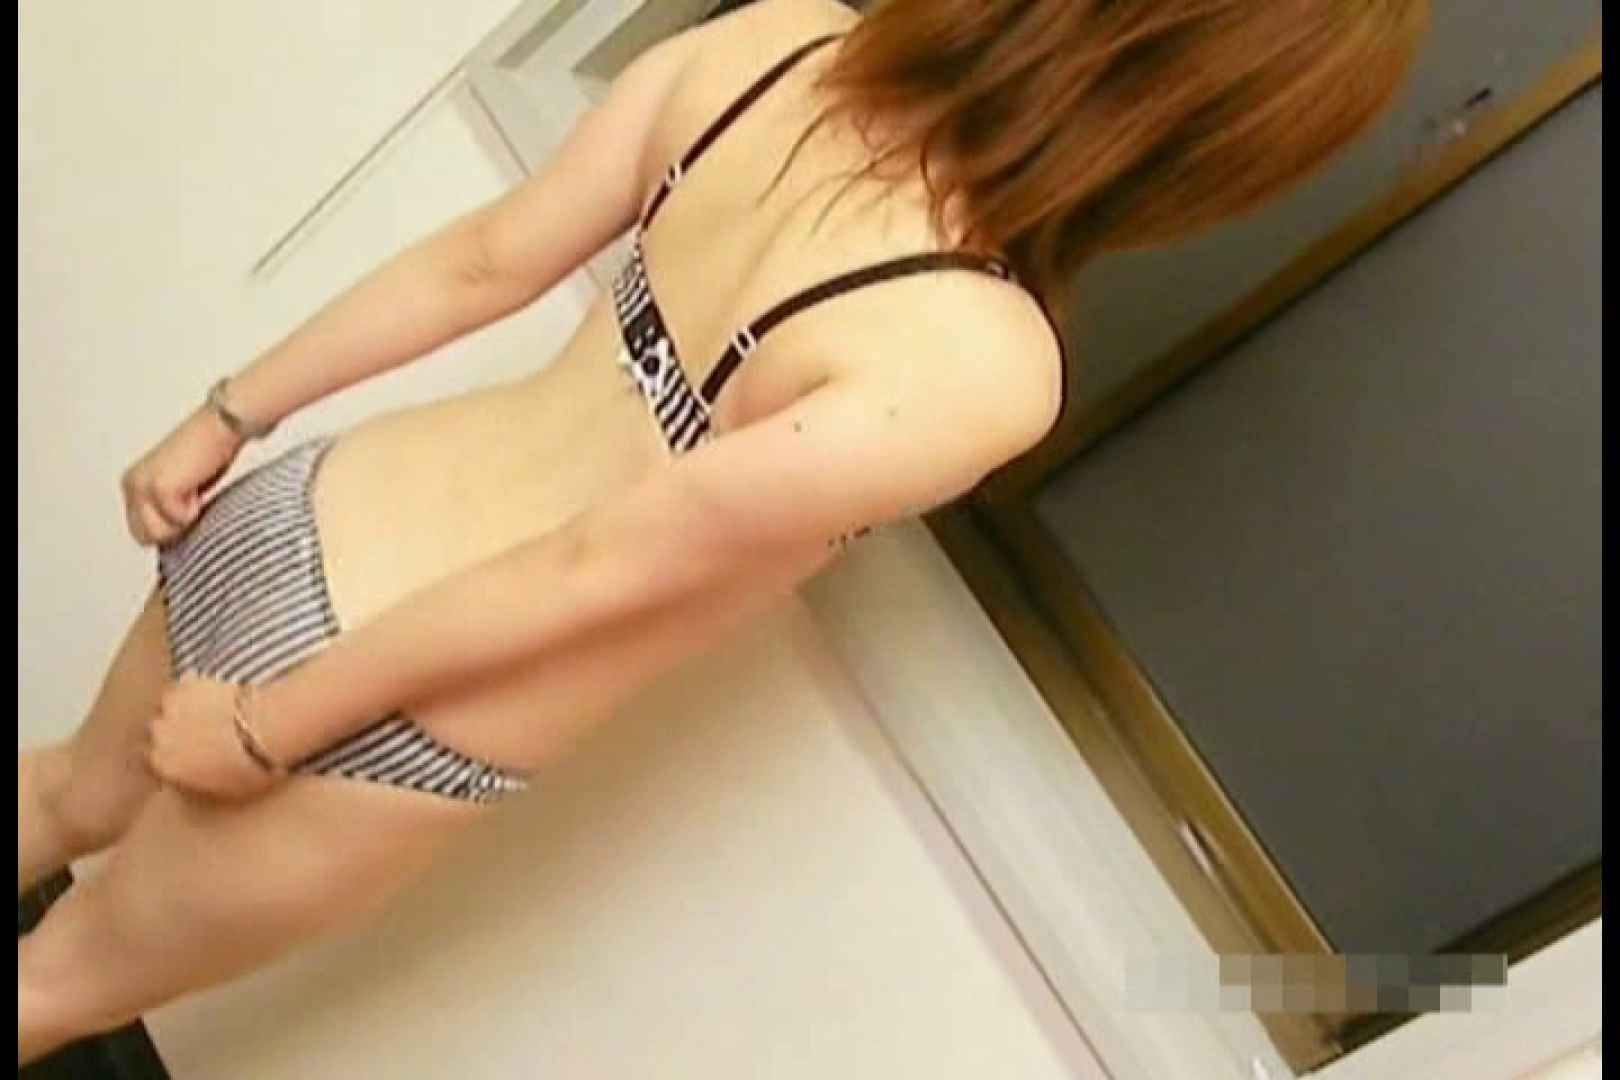 素人撮影 下着だけの撮影のはずが・・・愛22歳 おっぱい | 丸見え  93PIX 73